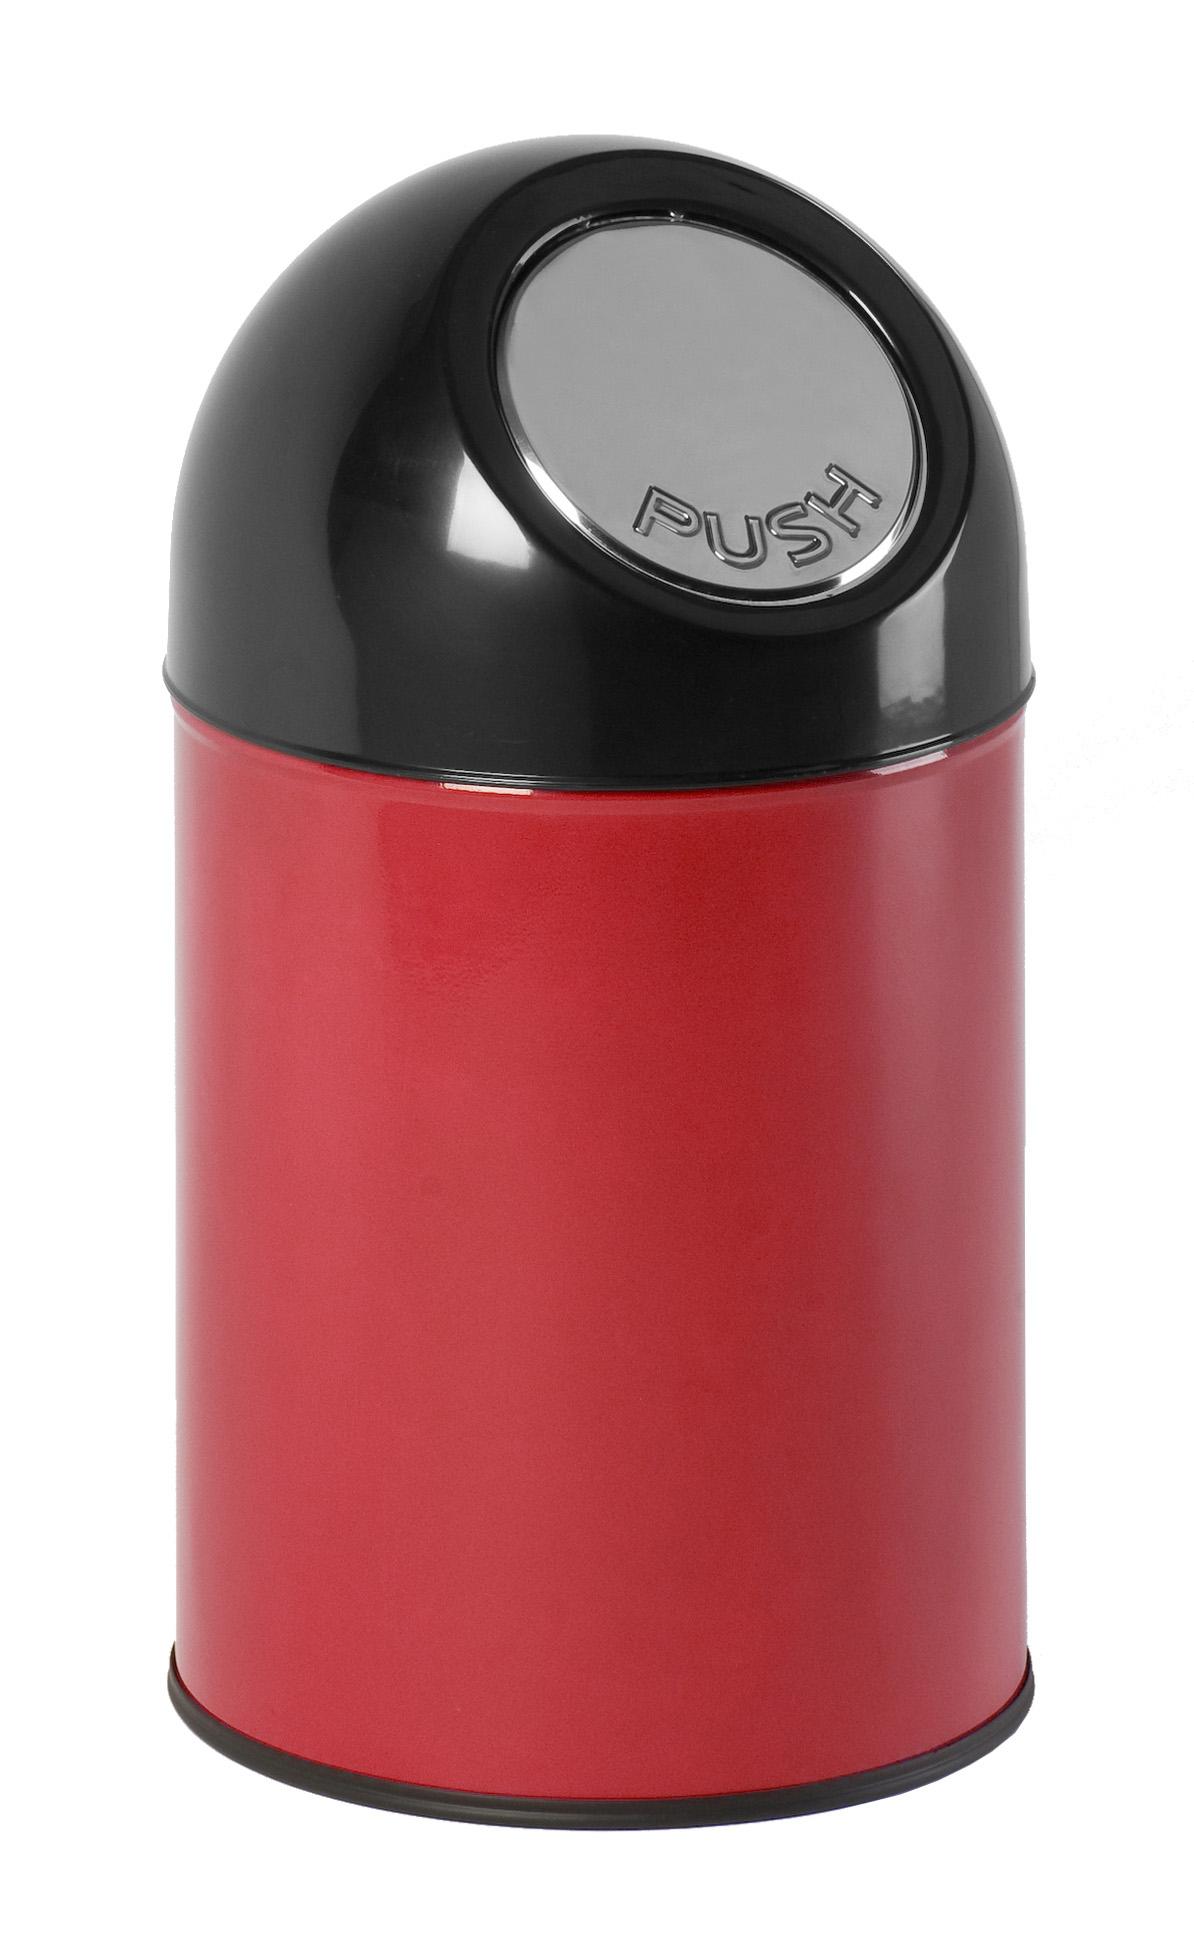 Afvalbak met pushdeksel 30 ltr (VB460001R)